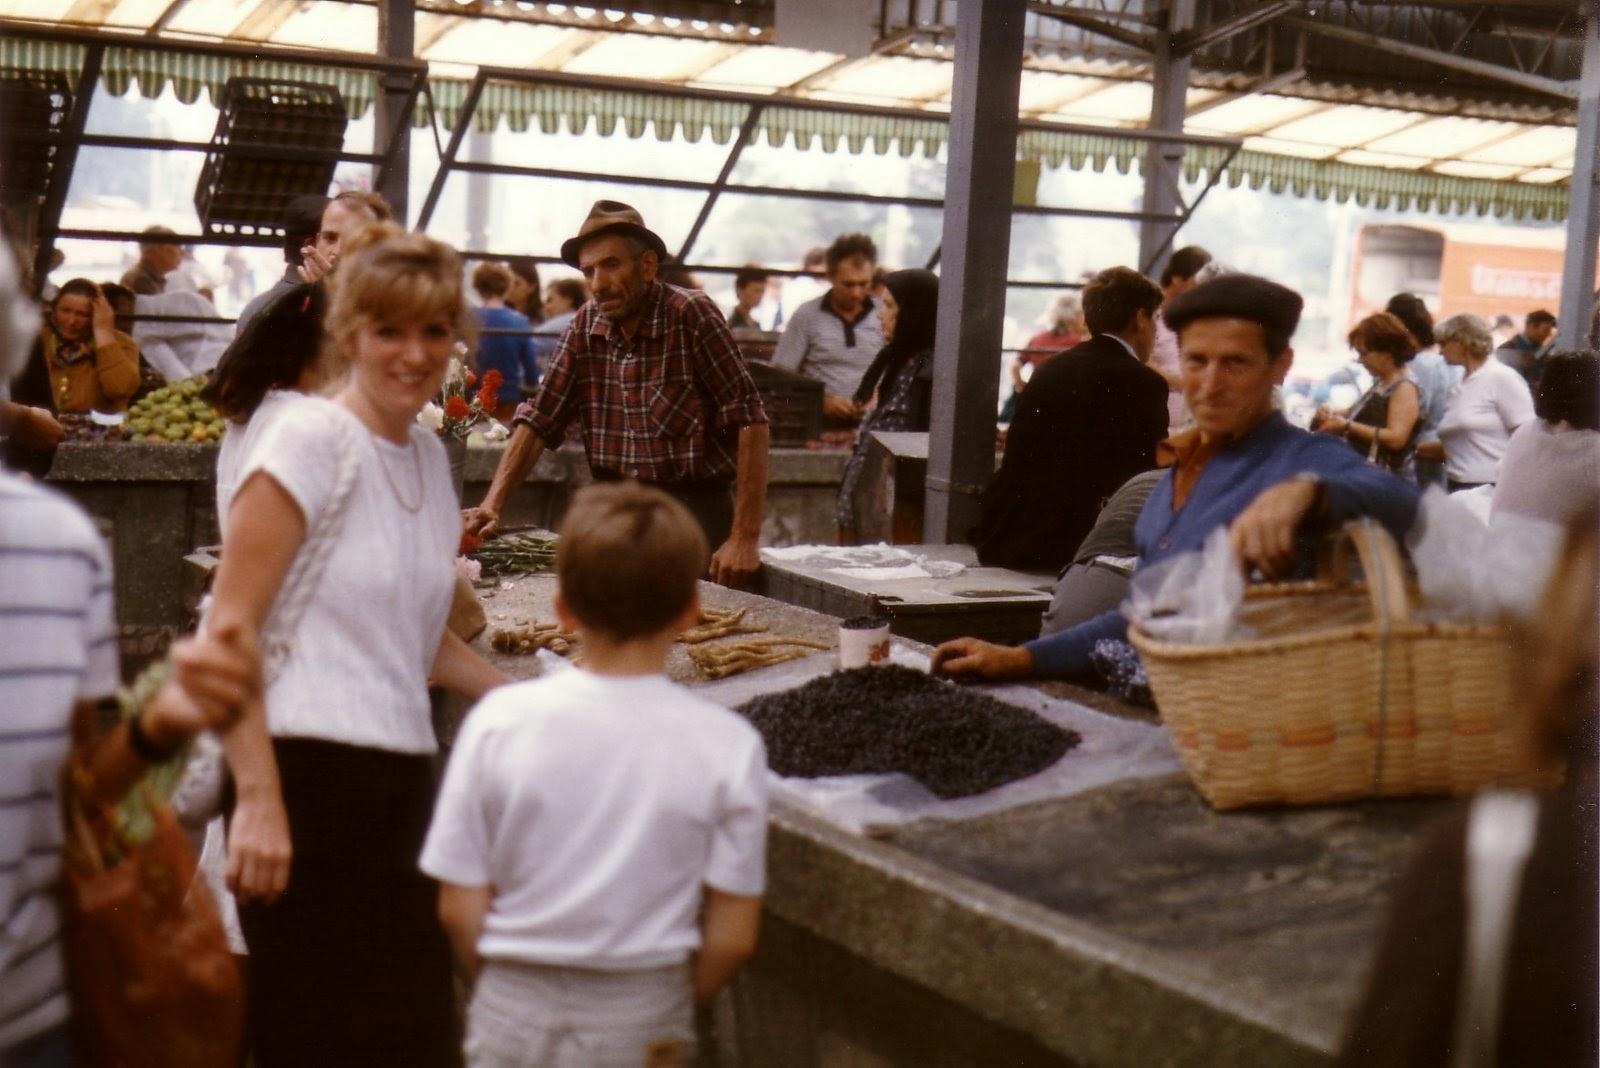 novella, Ceaușescu diktatúra, gyermekkor, piac, élelmiszerbolt, 80-as évek, John Squier